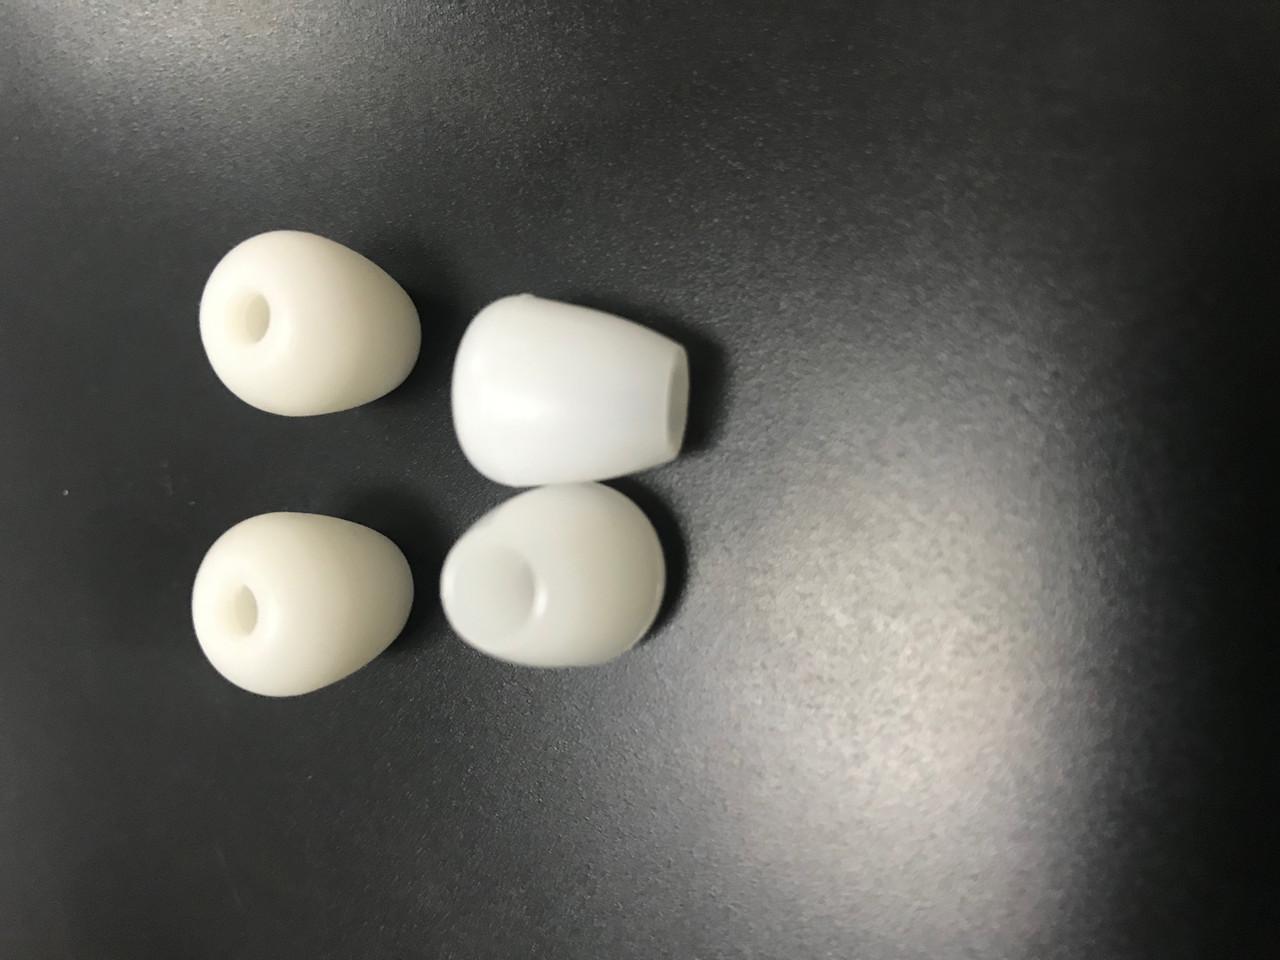 Оливы ушные для стетоскопа белые